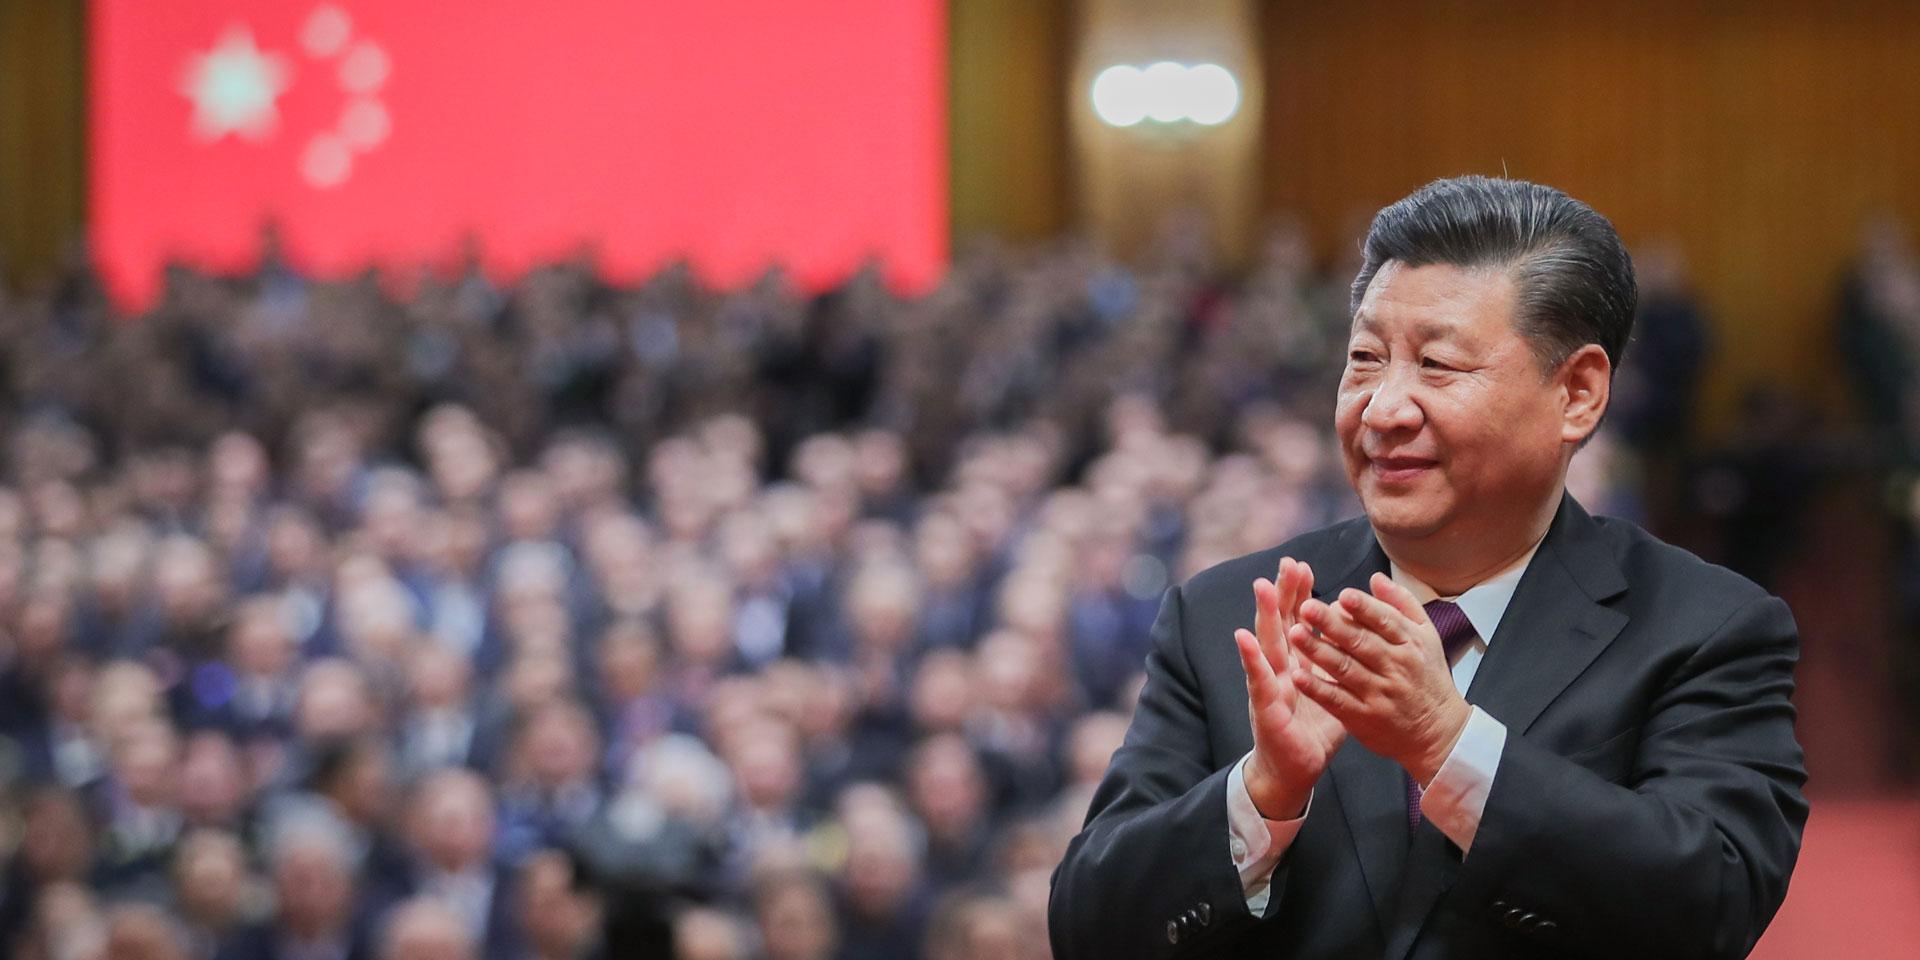 我们为创造了人间奇迹的中国人民感到无比自豪、无比骄傲!